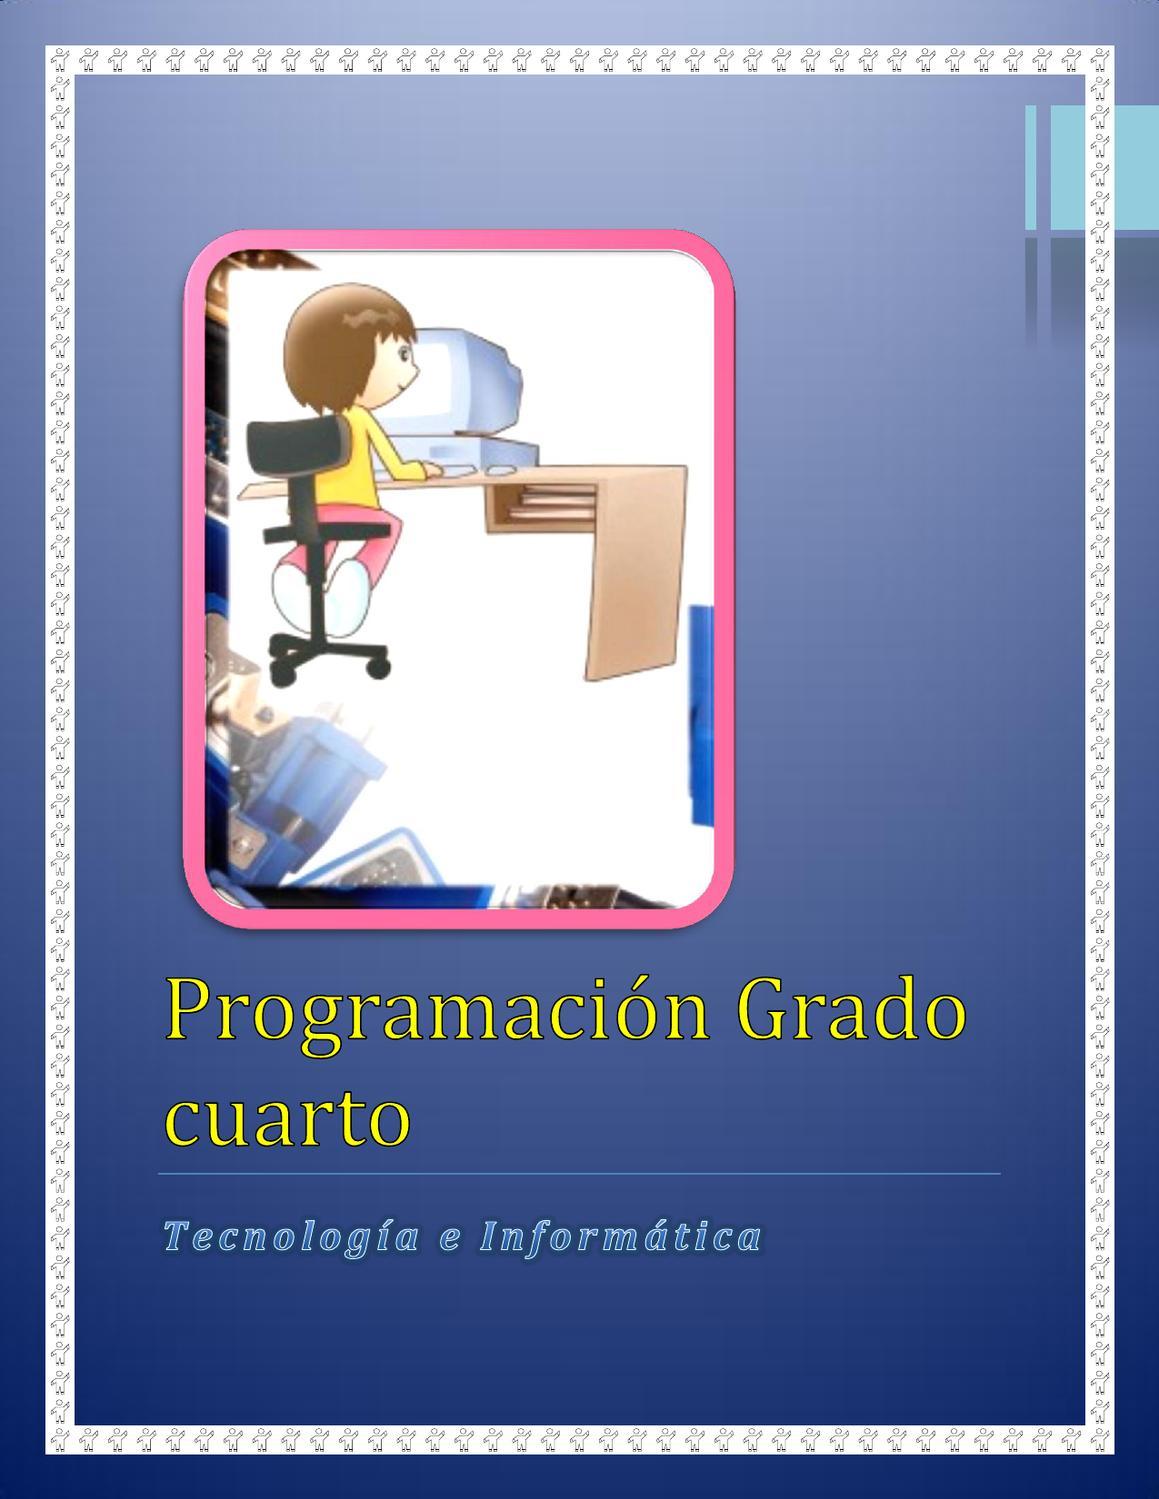 PROGRAMACIÓN TECNO - INFORMÁTICA GRADO CUARTO 4° by Nubia ...